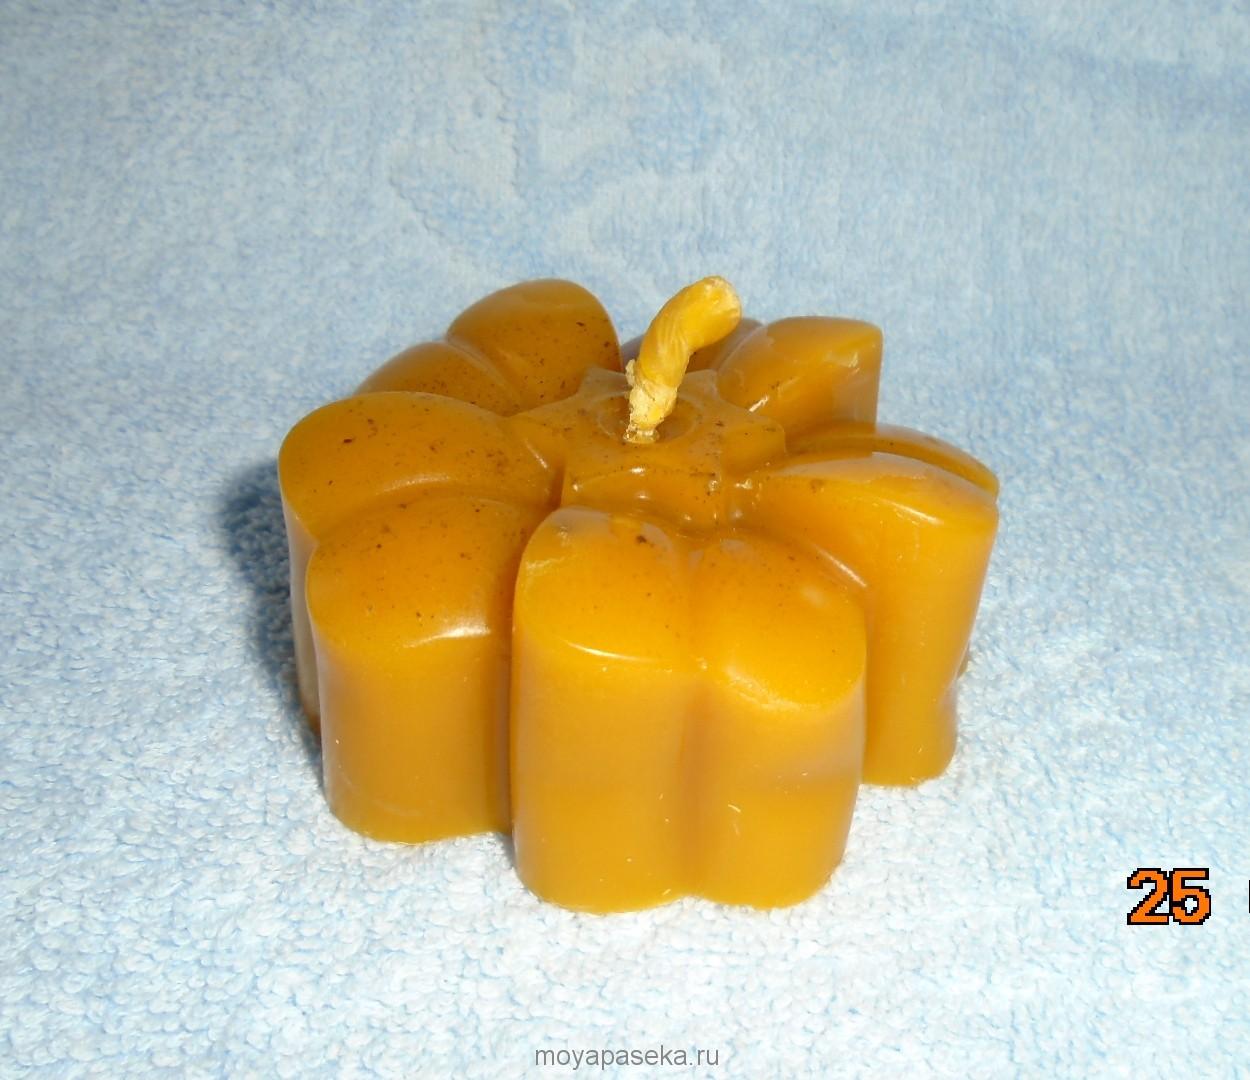 Свечи с прополисом: как сделать, рецепт, применение - Свй мед